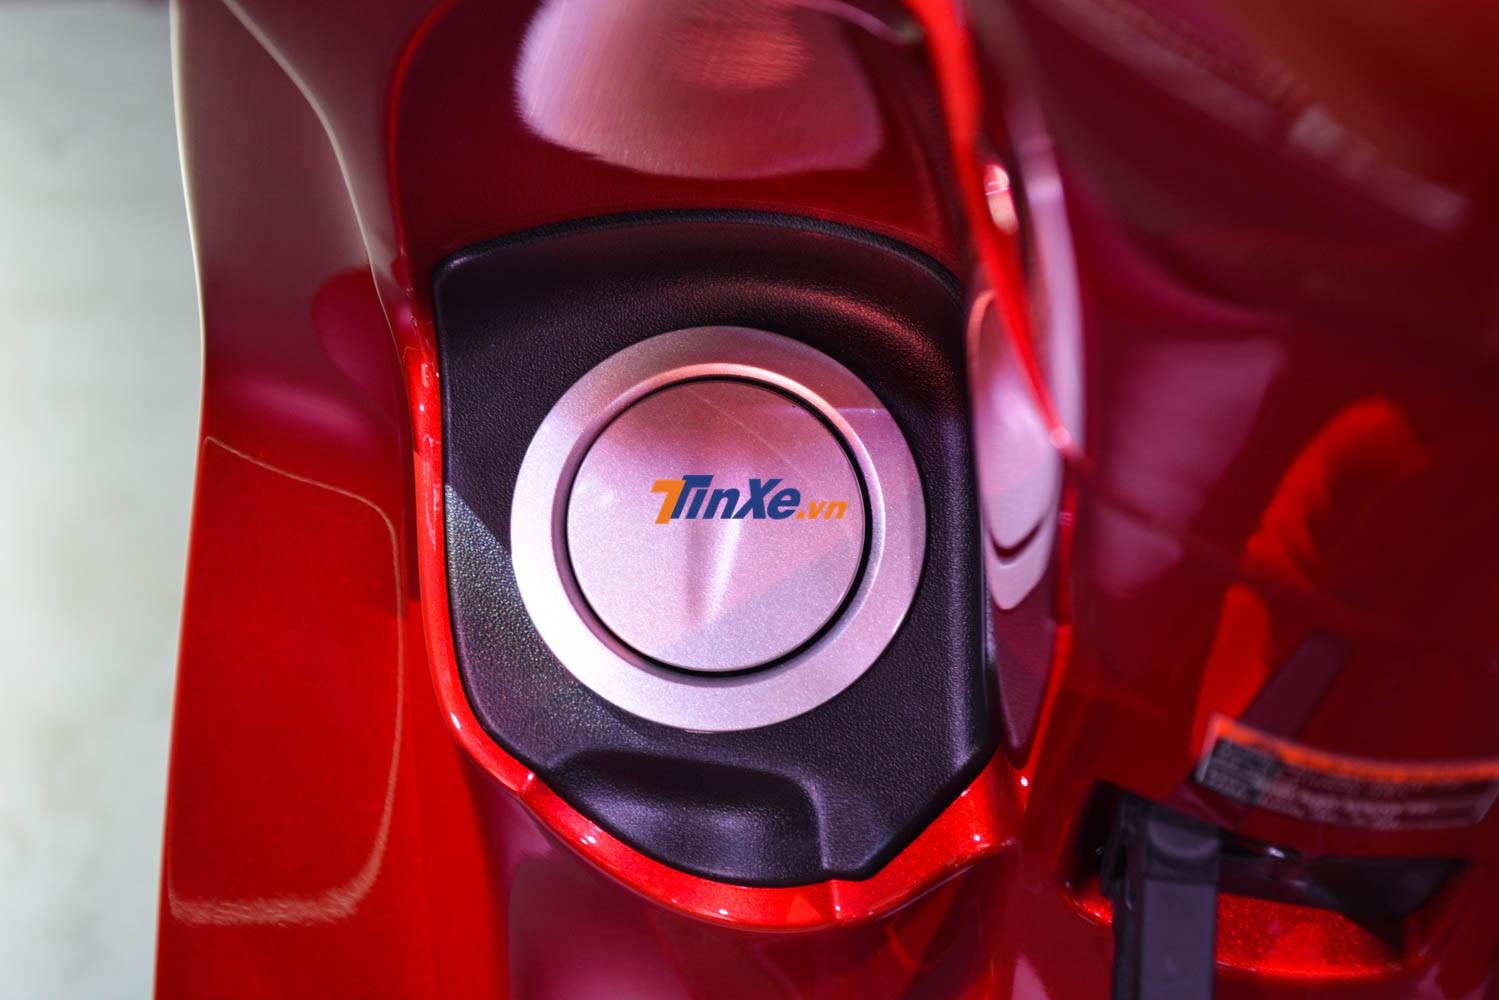 Vị trí đặt nắp bình xăng ở phía trước đầu xe tiện lợi cho việc sử dụng